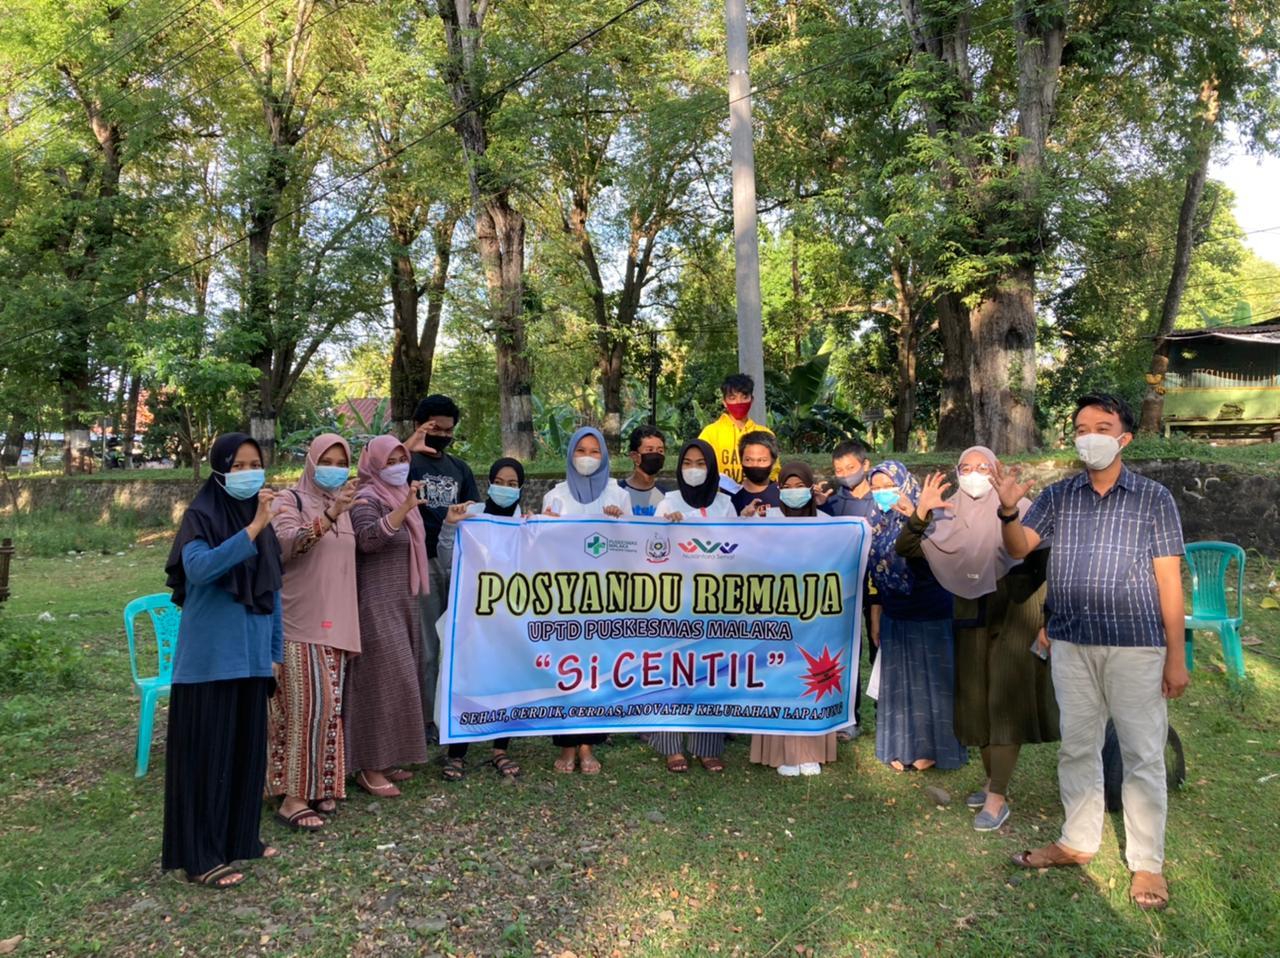 UPTD PKM Malaka Launching Posyandu Remaja Si CENTIL